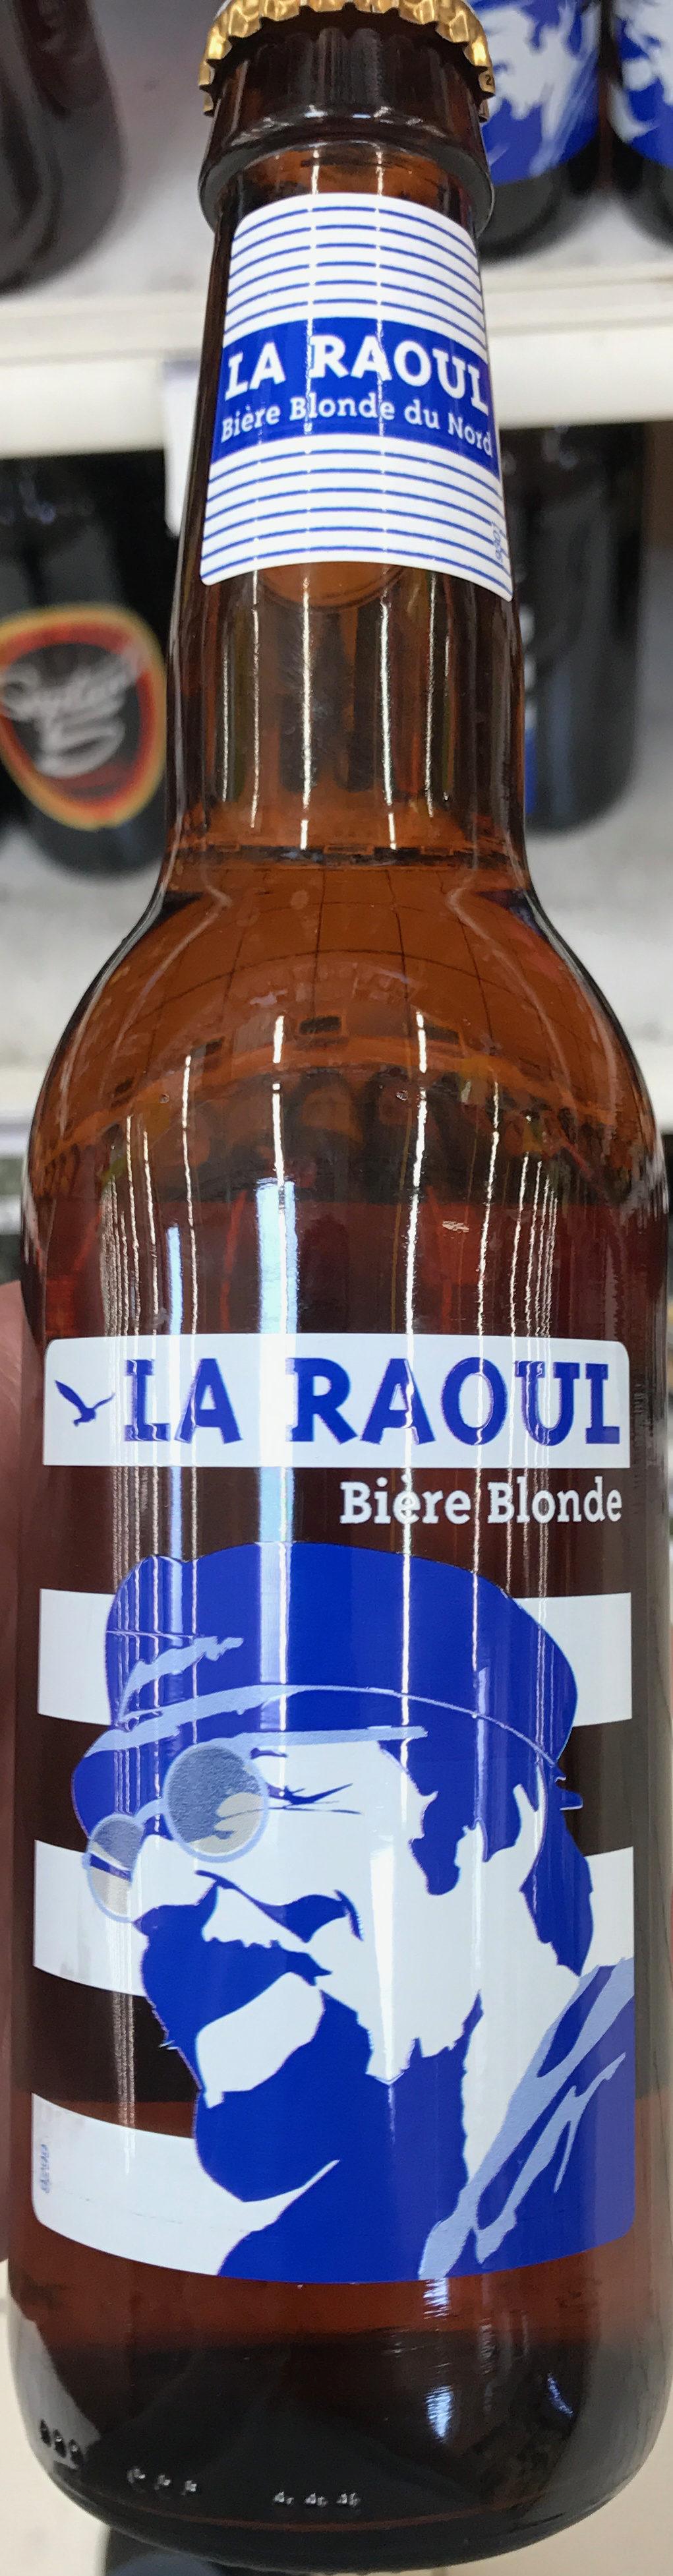 La Raoul - Produit - fr